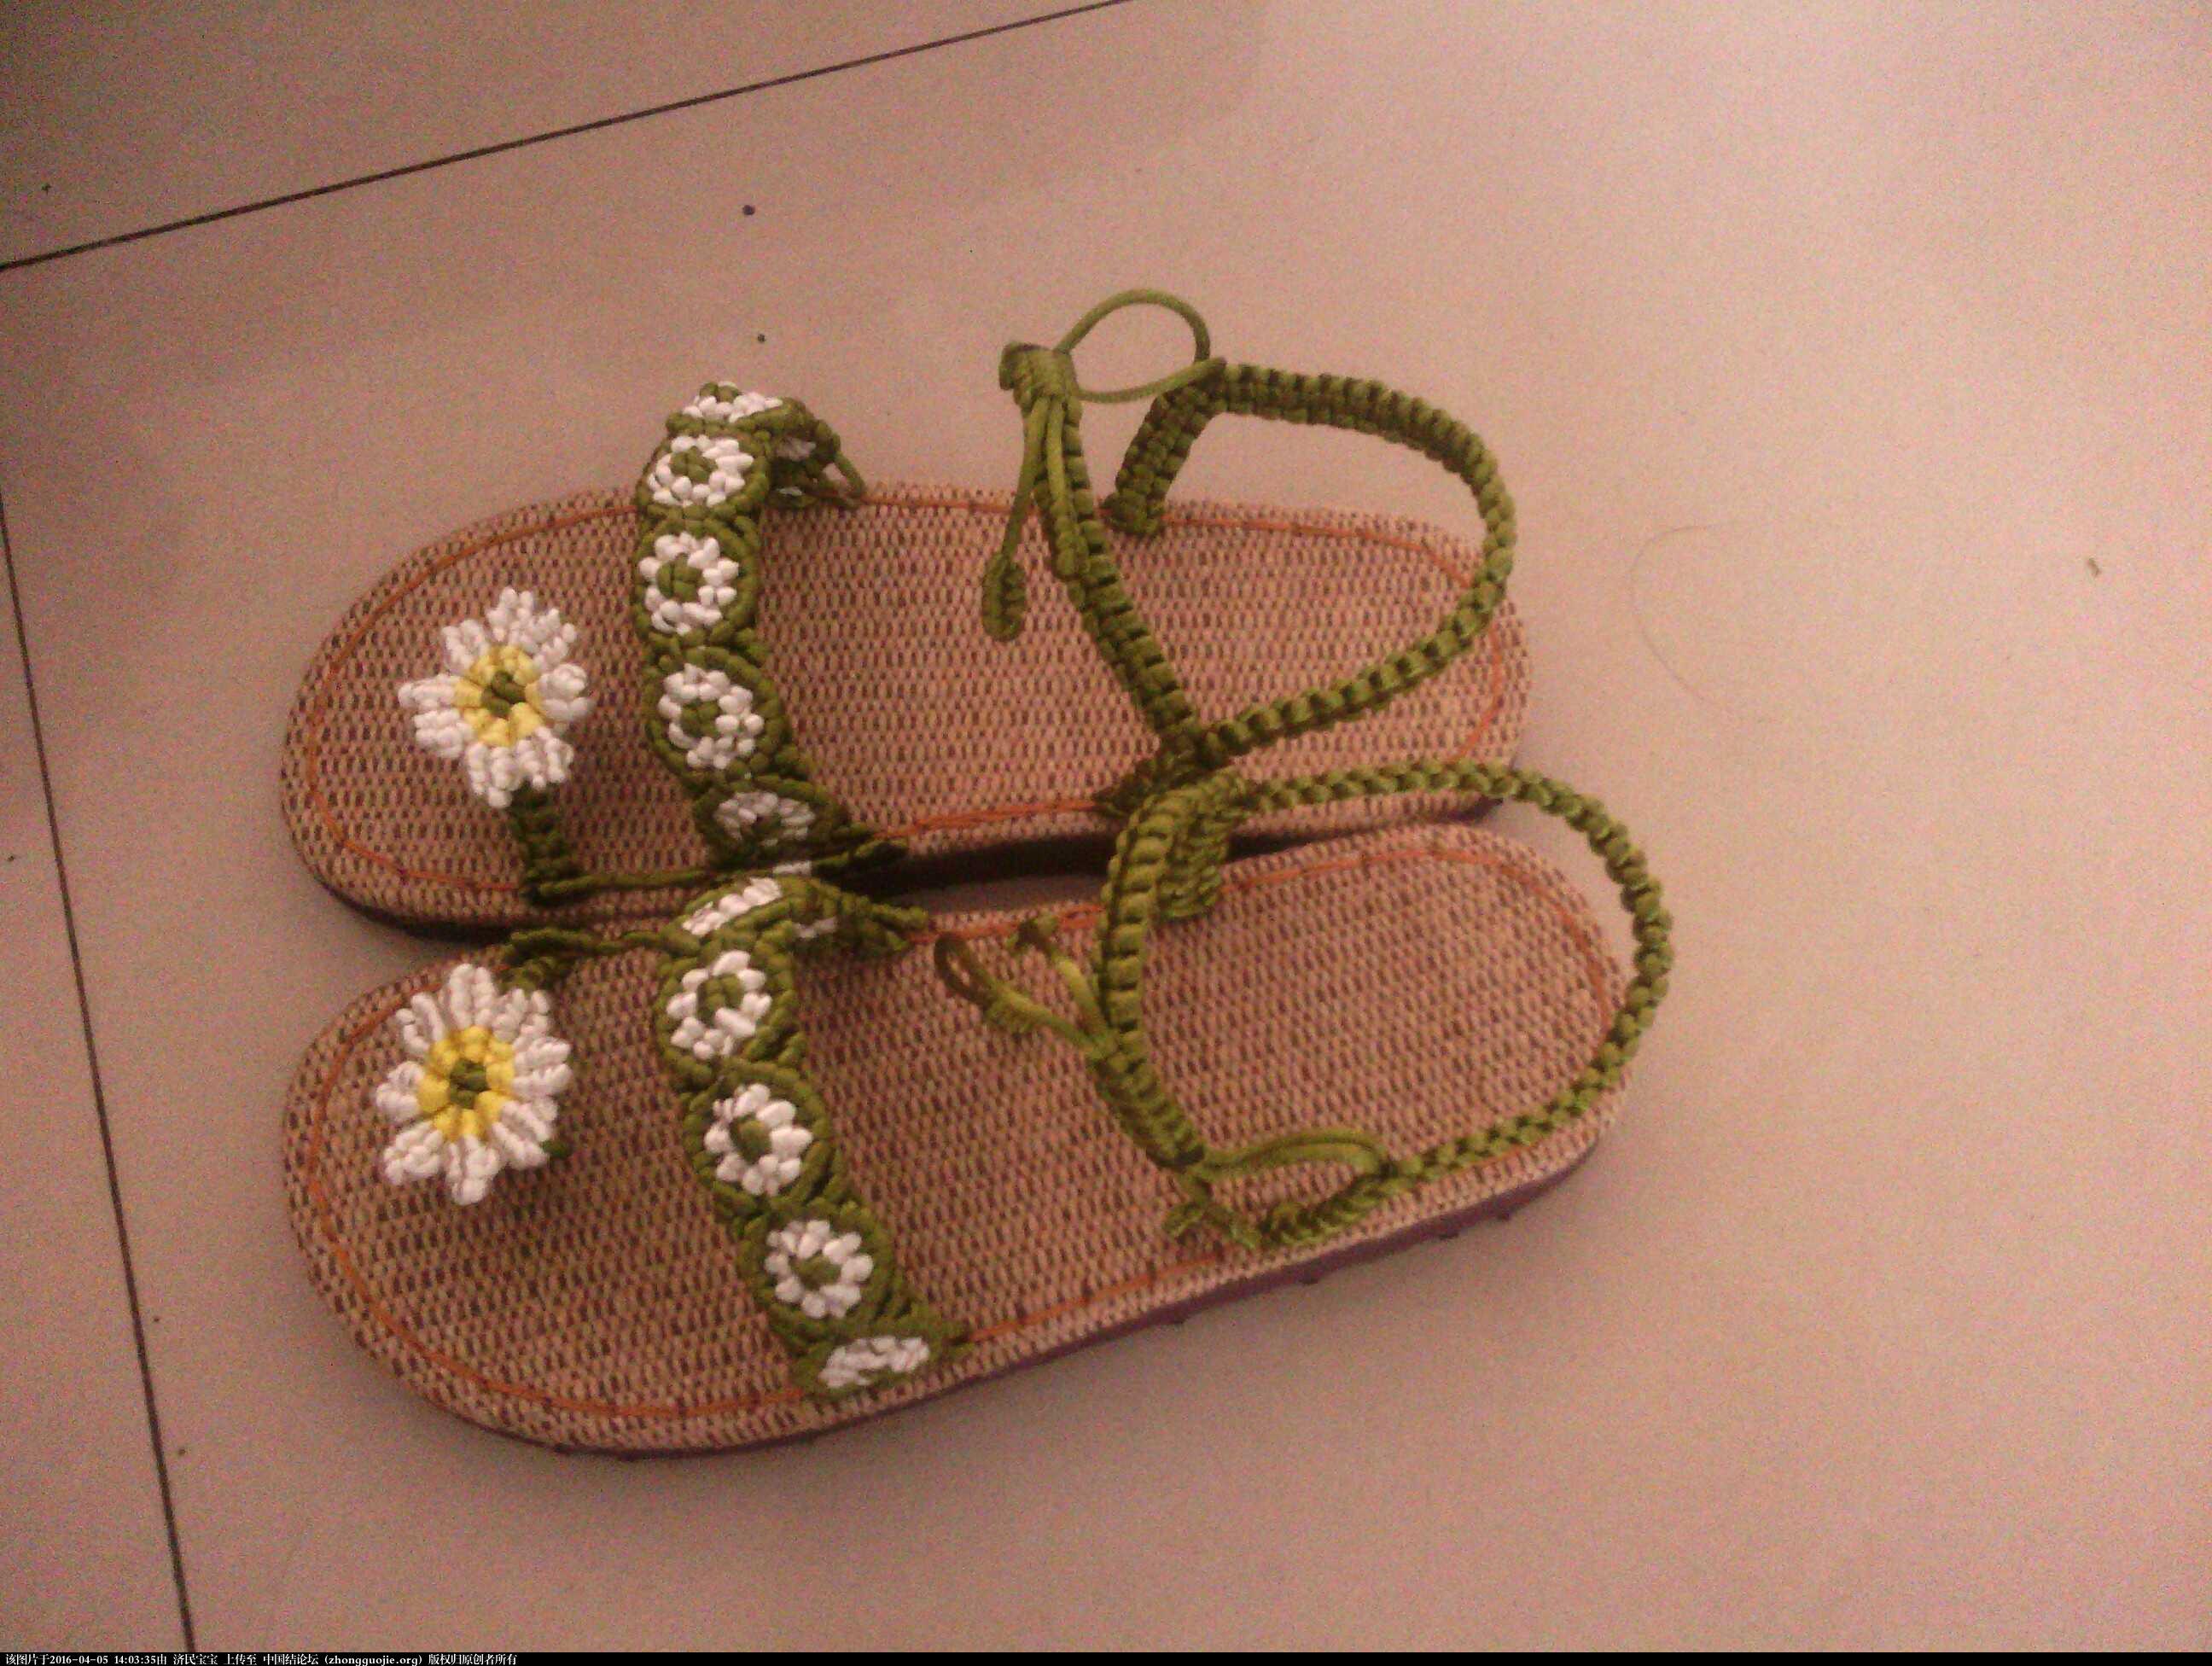 中国结论坛 凉鞋一款 凉鞋 作品展示 140120w2287u72a515h8qa